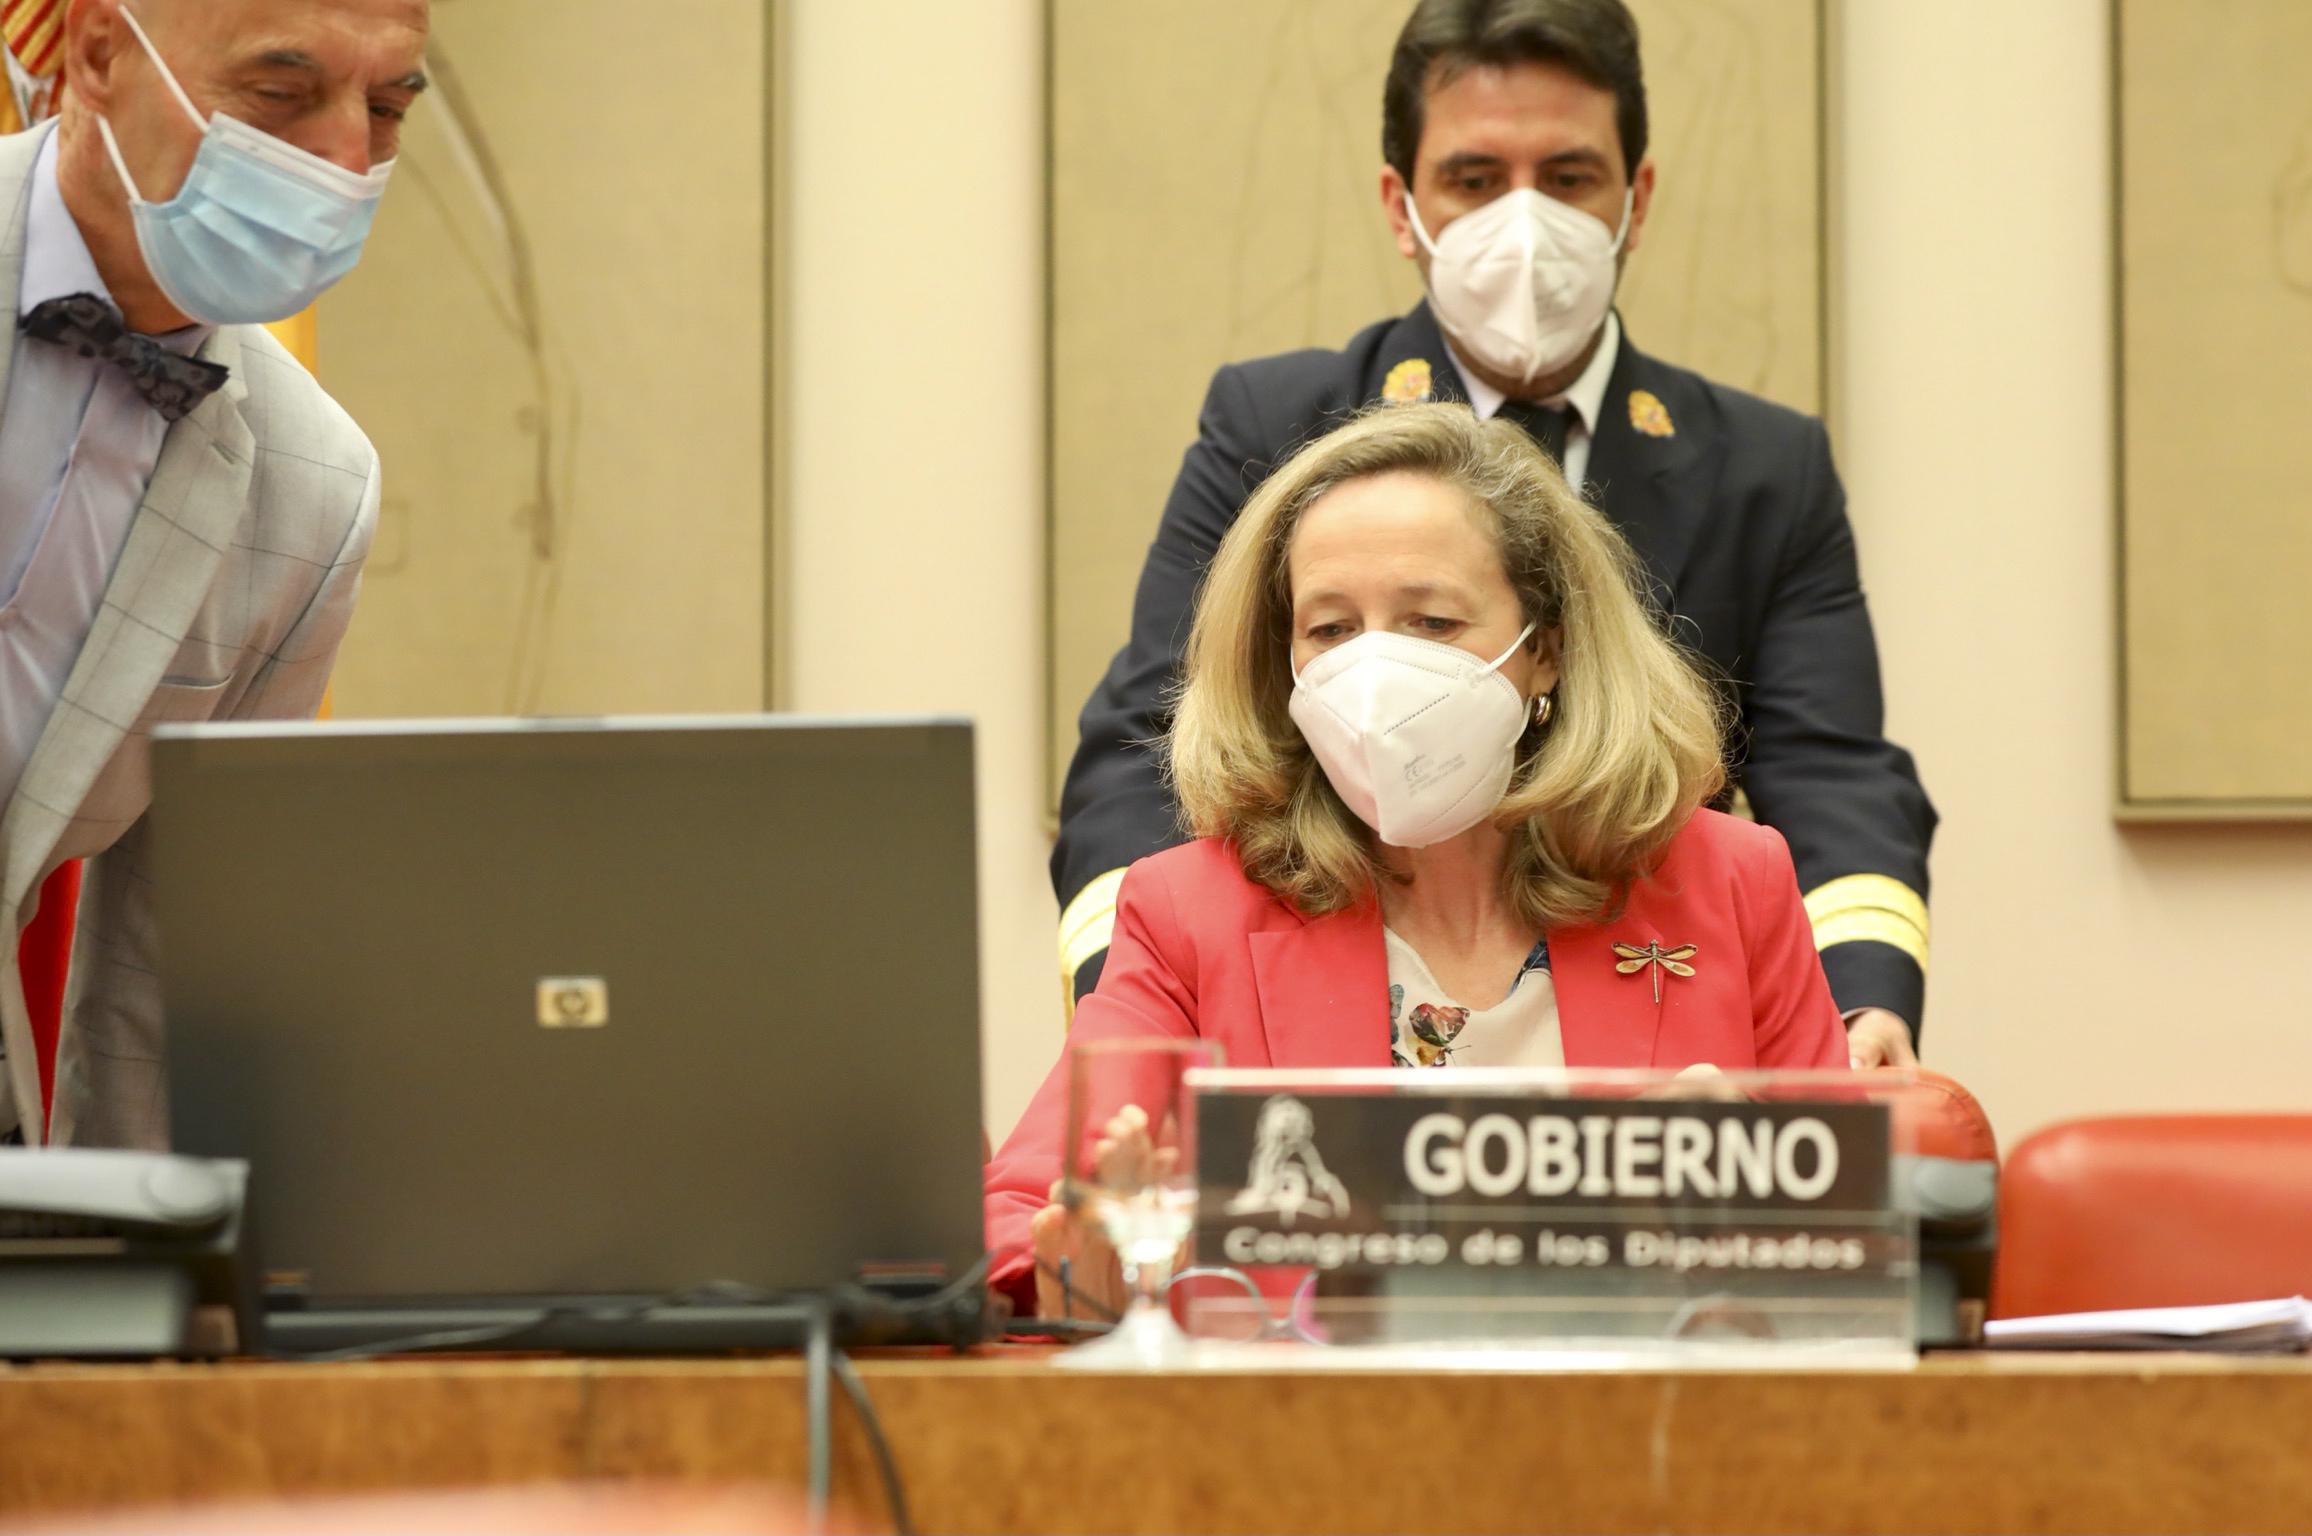 La vicepresidenta segunda, Nadia Calviño, en su comparecencia el pasado día 6 en el Congreso de los Diputados